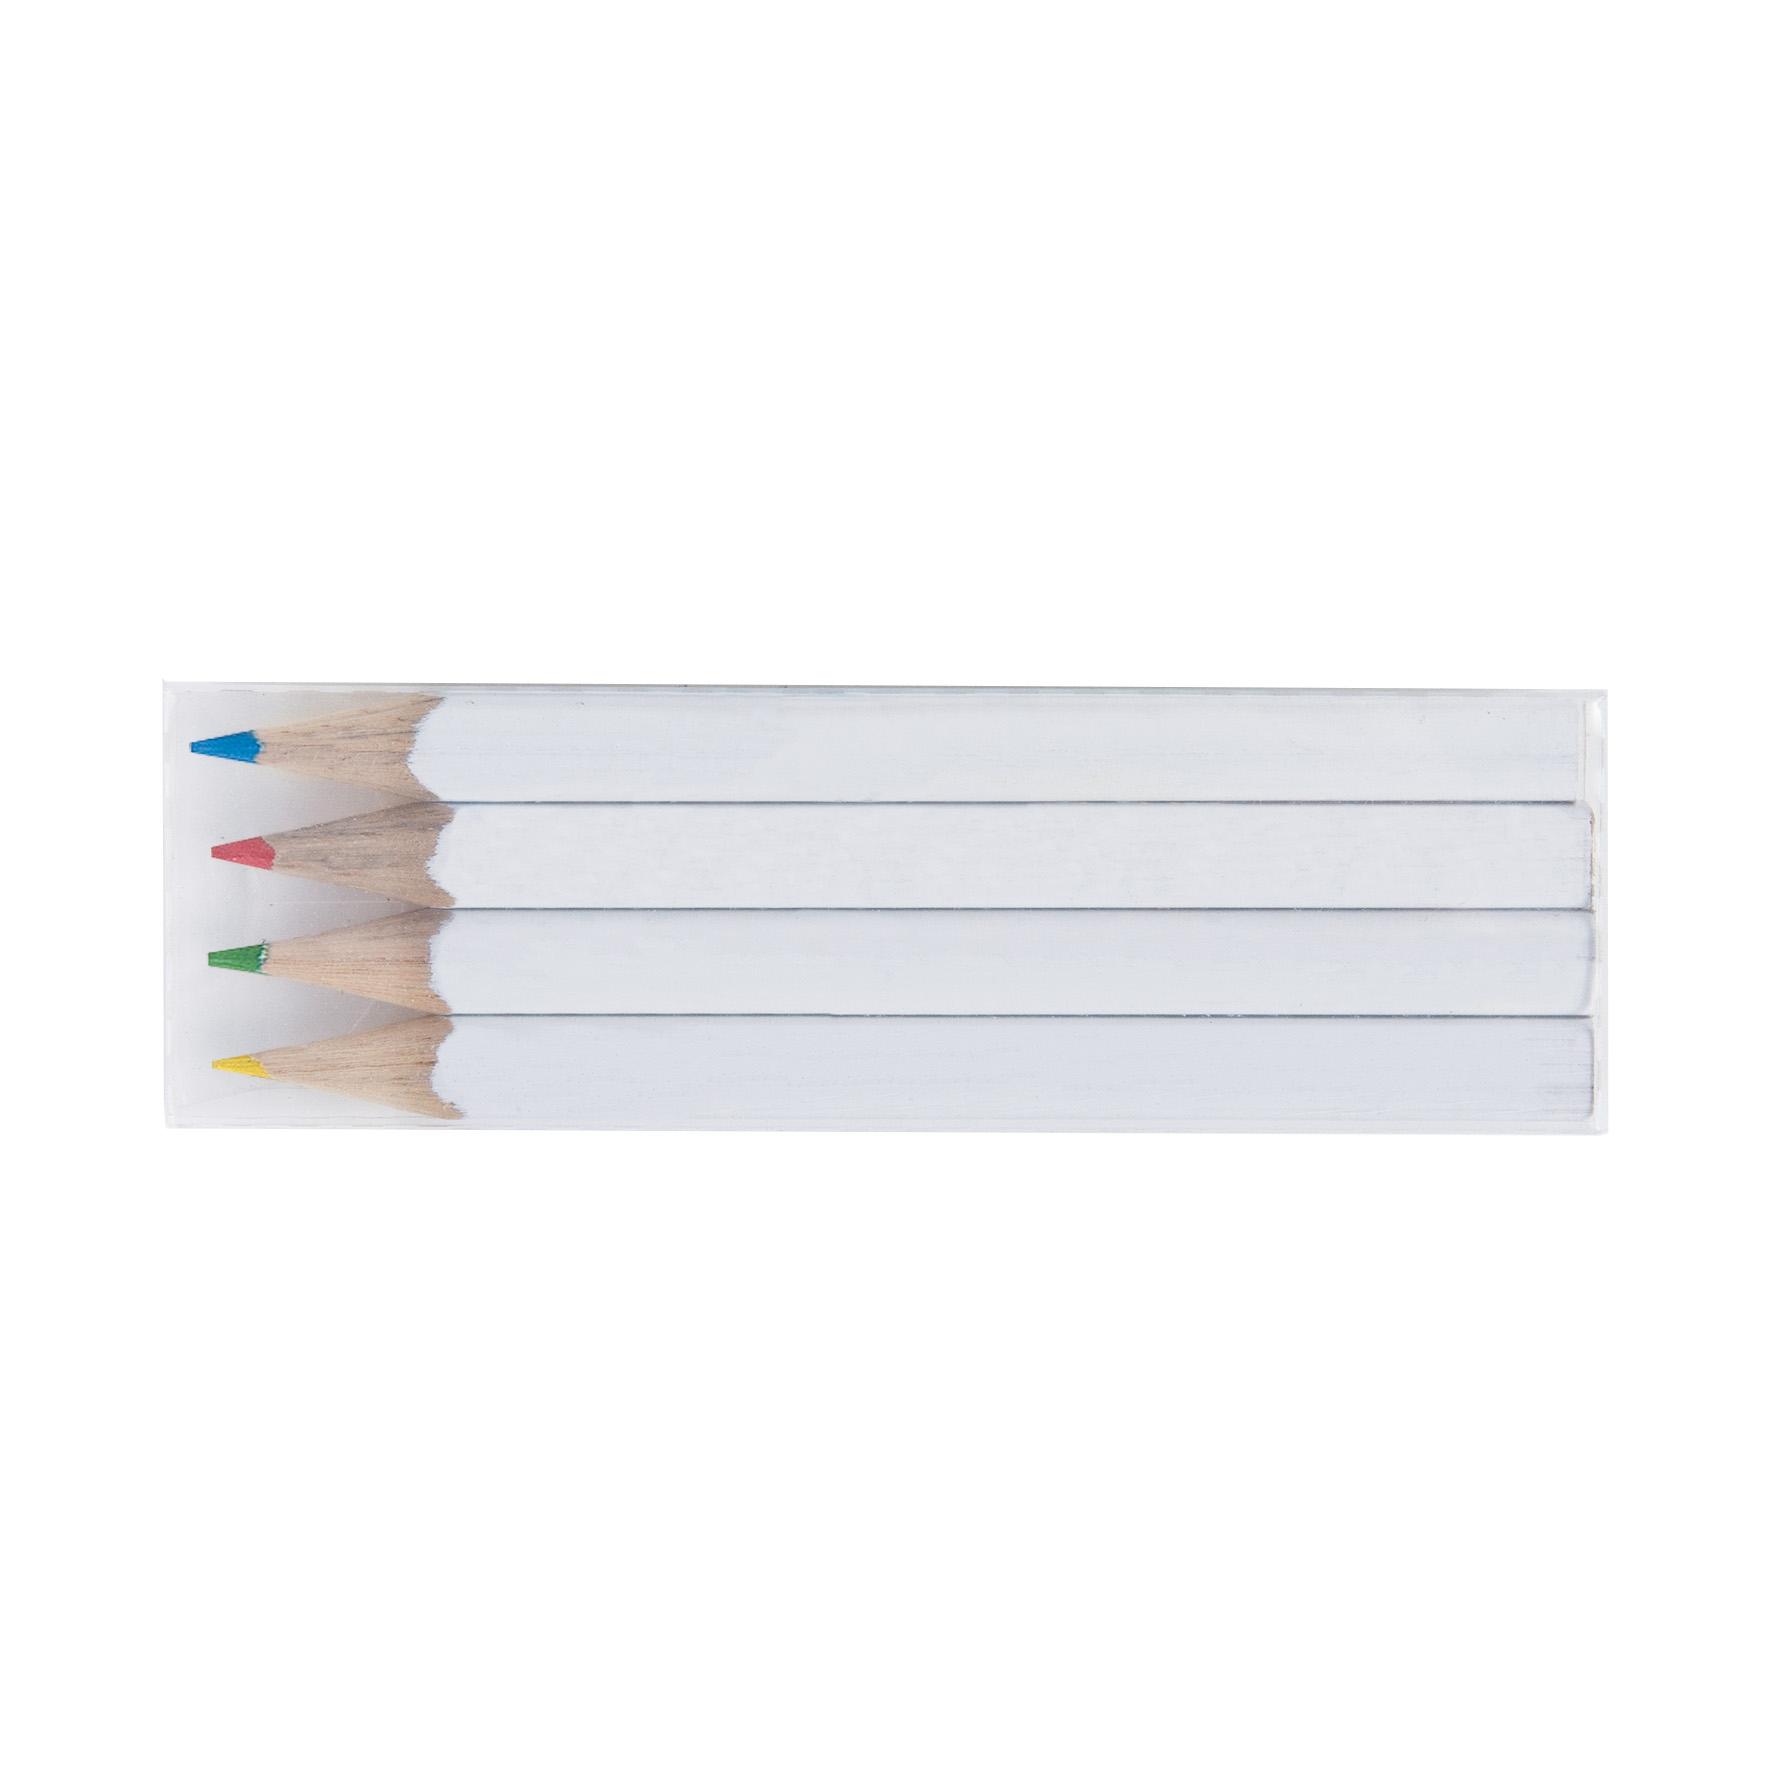 Cadeau publicitaire écologique - Set mini crayons personnalisés quadri 4 couleurs 8,7 cm